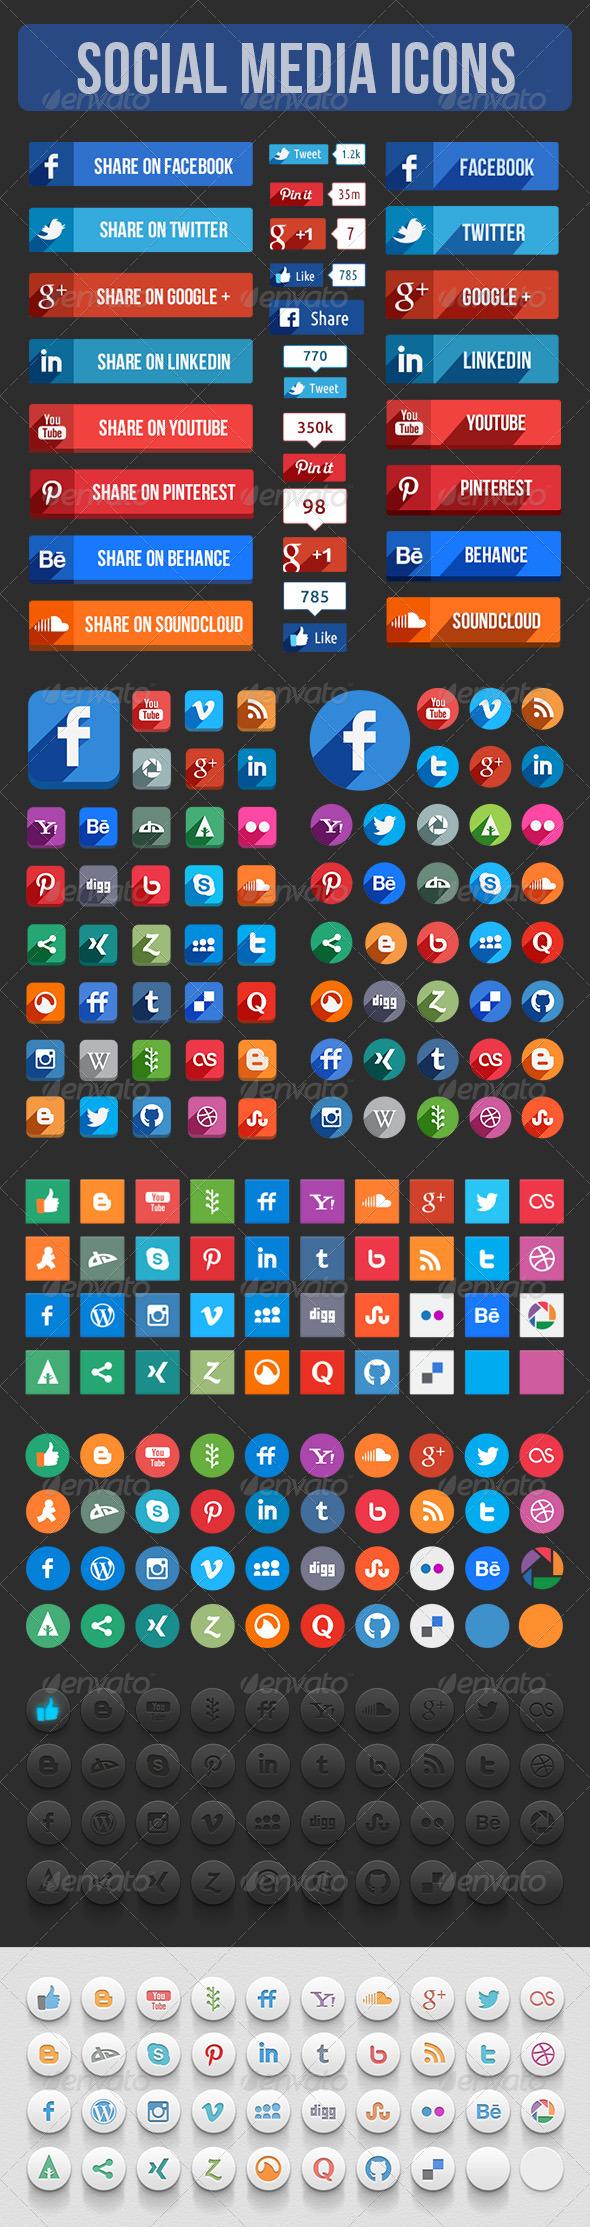 Social Media Icons - Icons